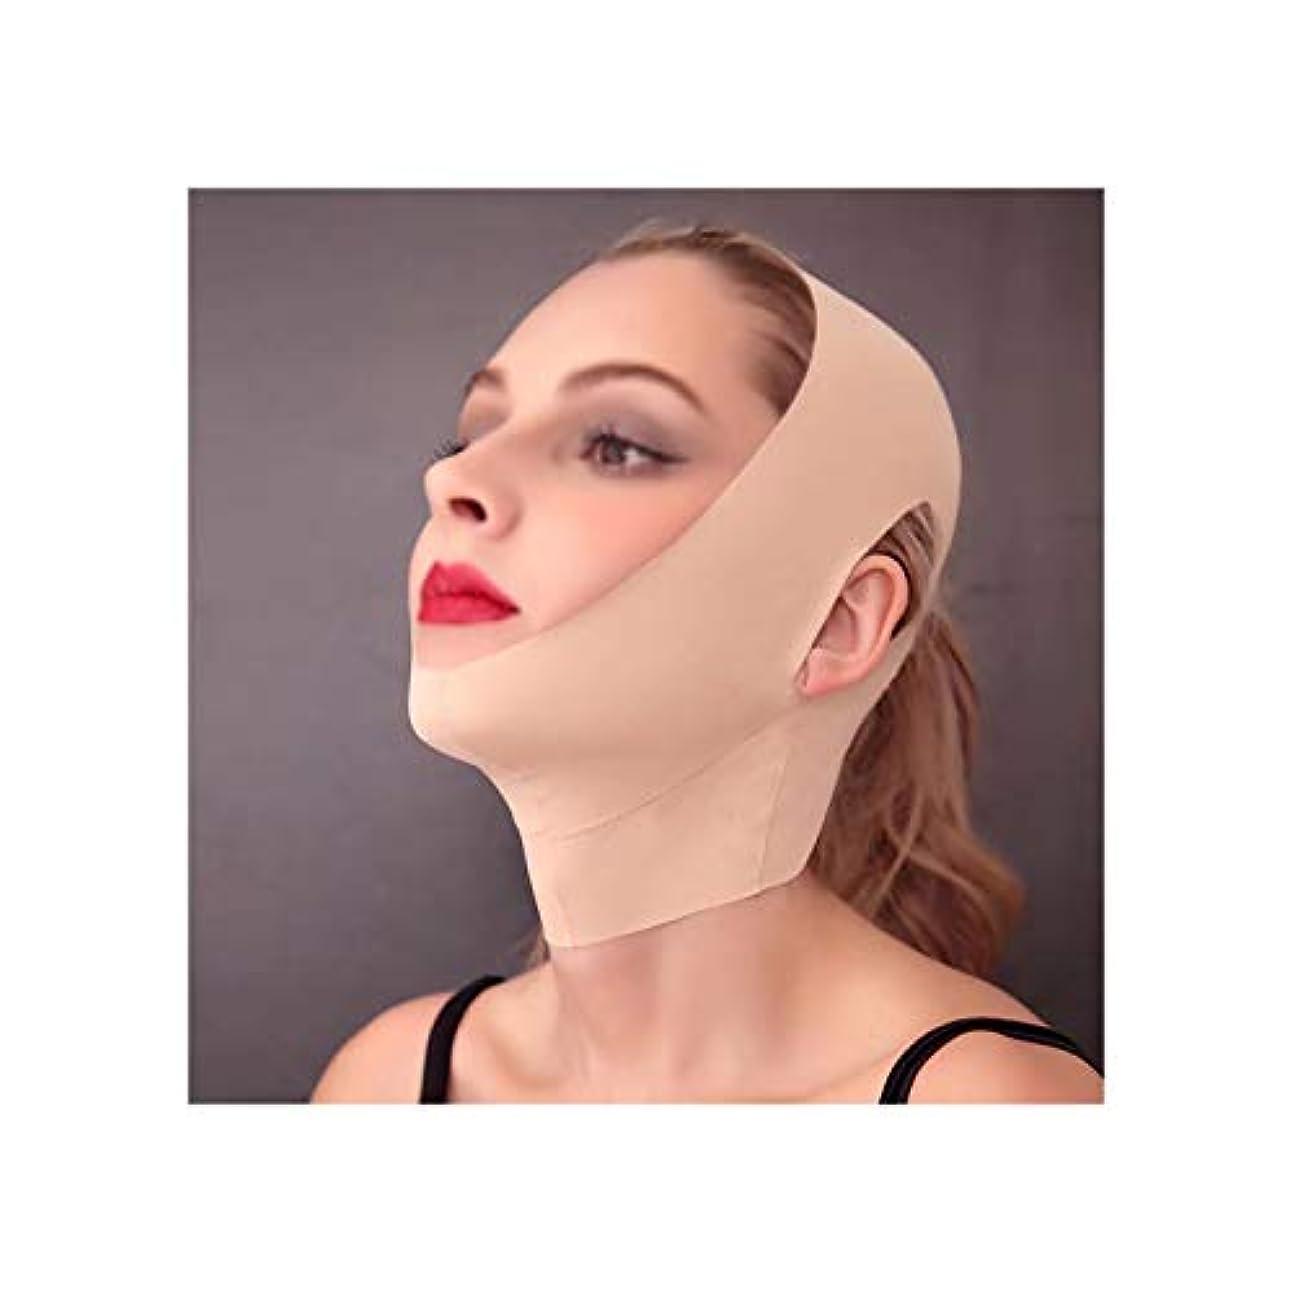 ピュー水陸両用リーダーシップフェイシャルマスク、フェイスリフティングアーティファクト女性の男性の睡眠の顔Vフェイス包帯マスクリフティングフェイス修正引き締め顔に二重あご痩身ベルト